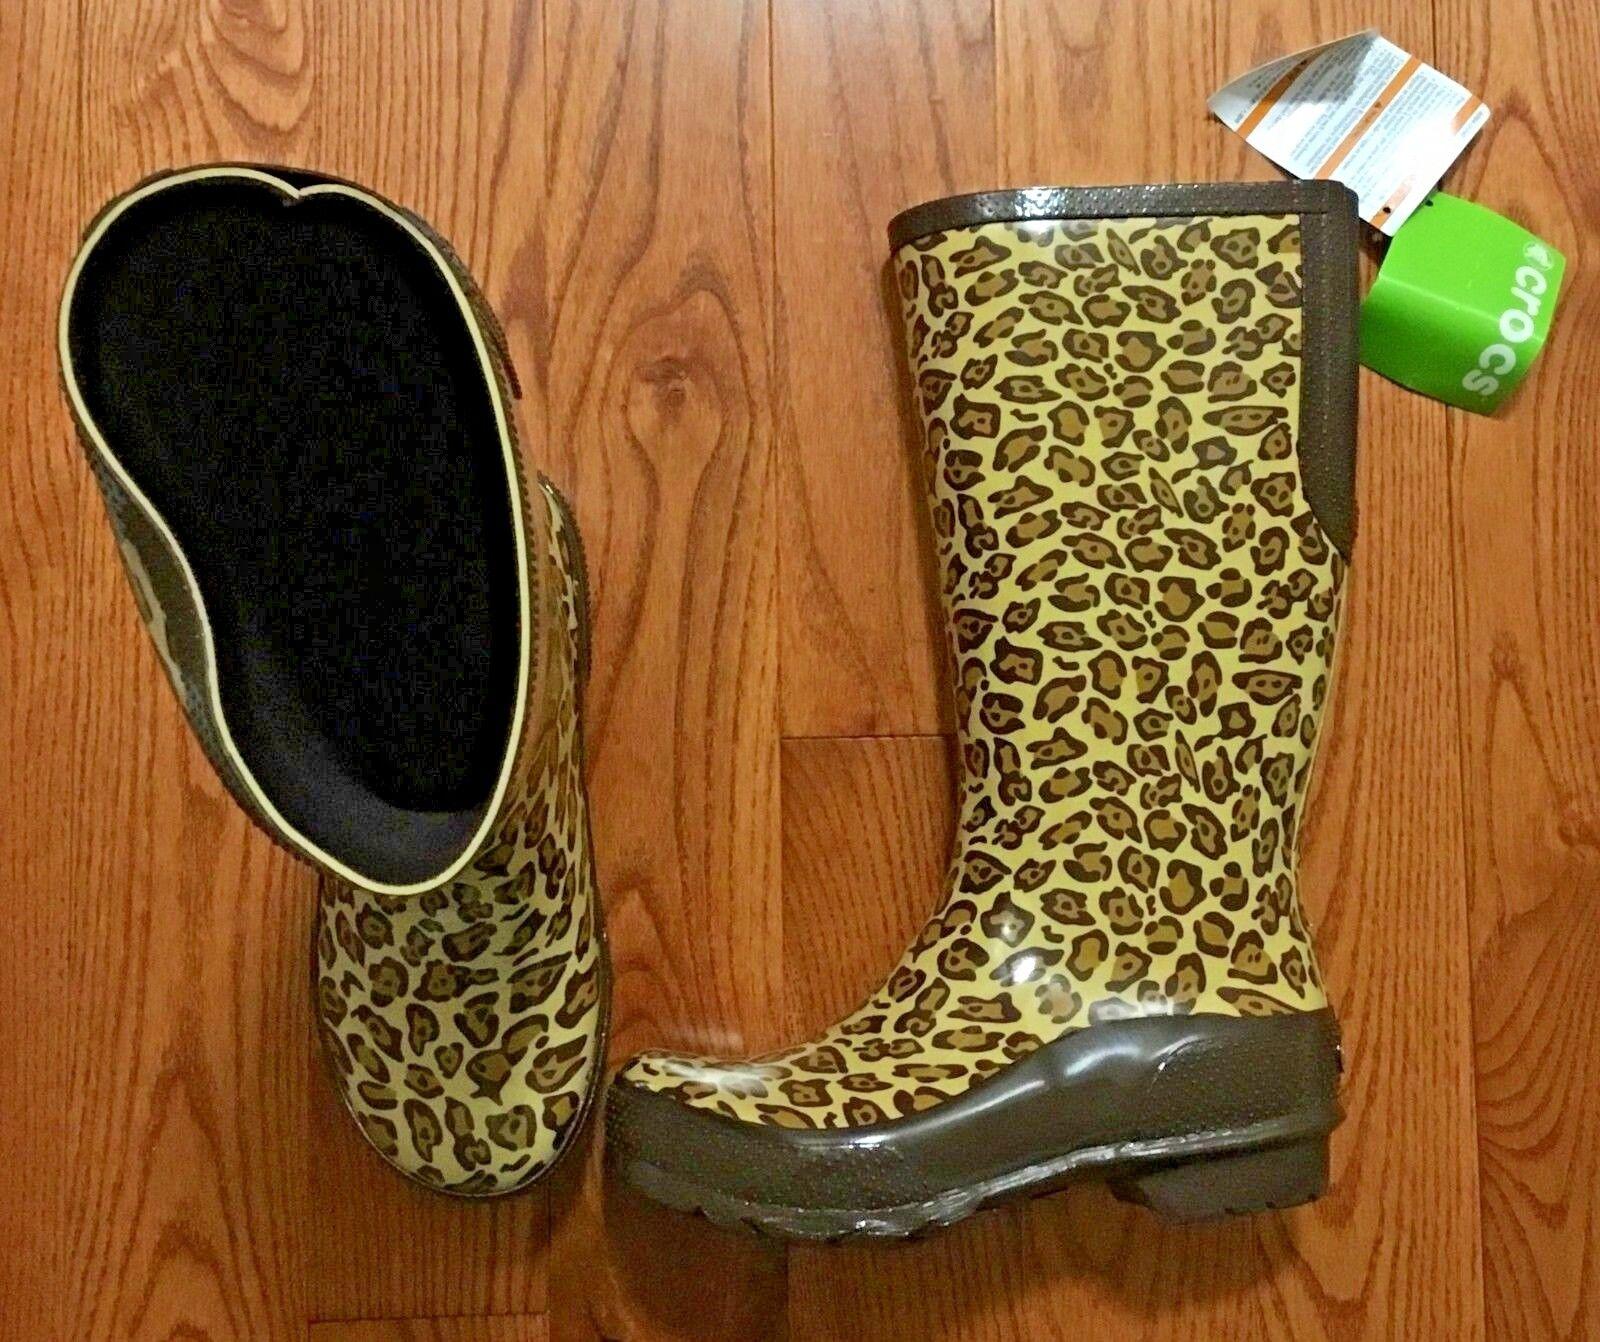 Crocs Guépard Imprimé Bottes de pluie taille 7 neuf avec étiquettes